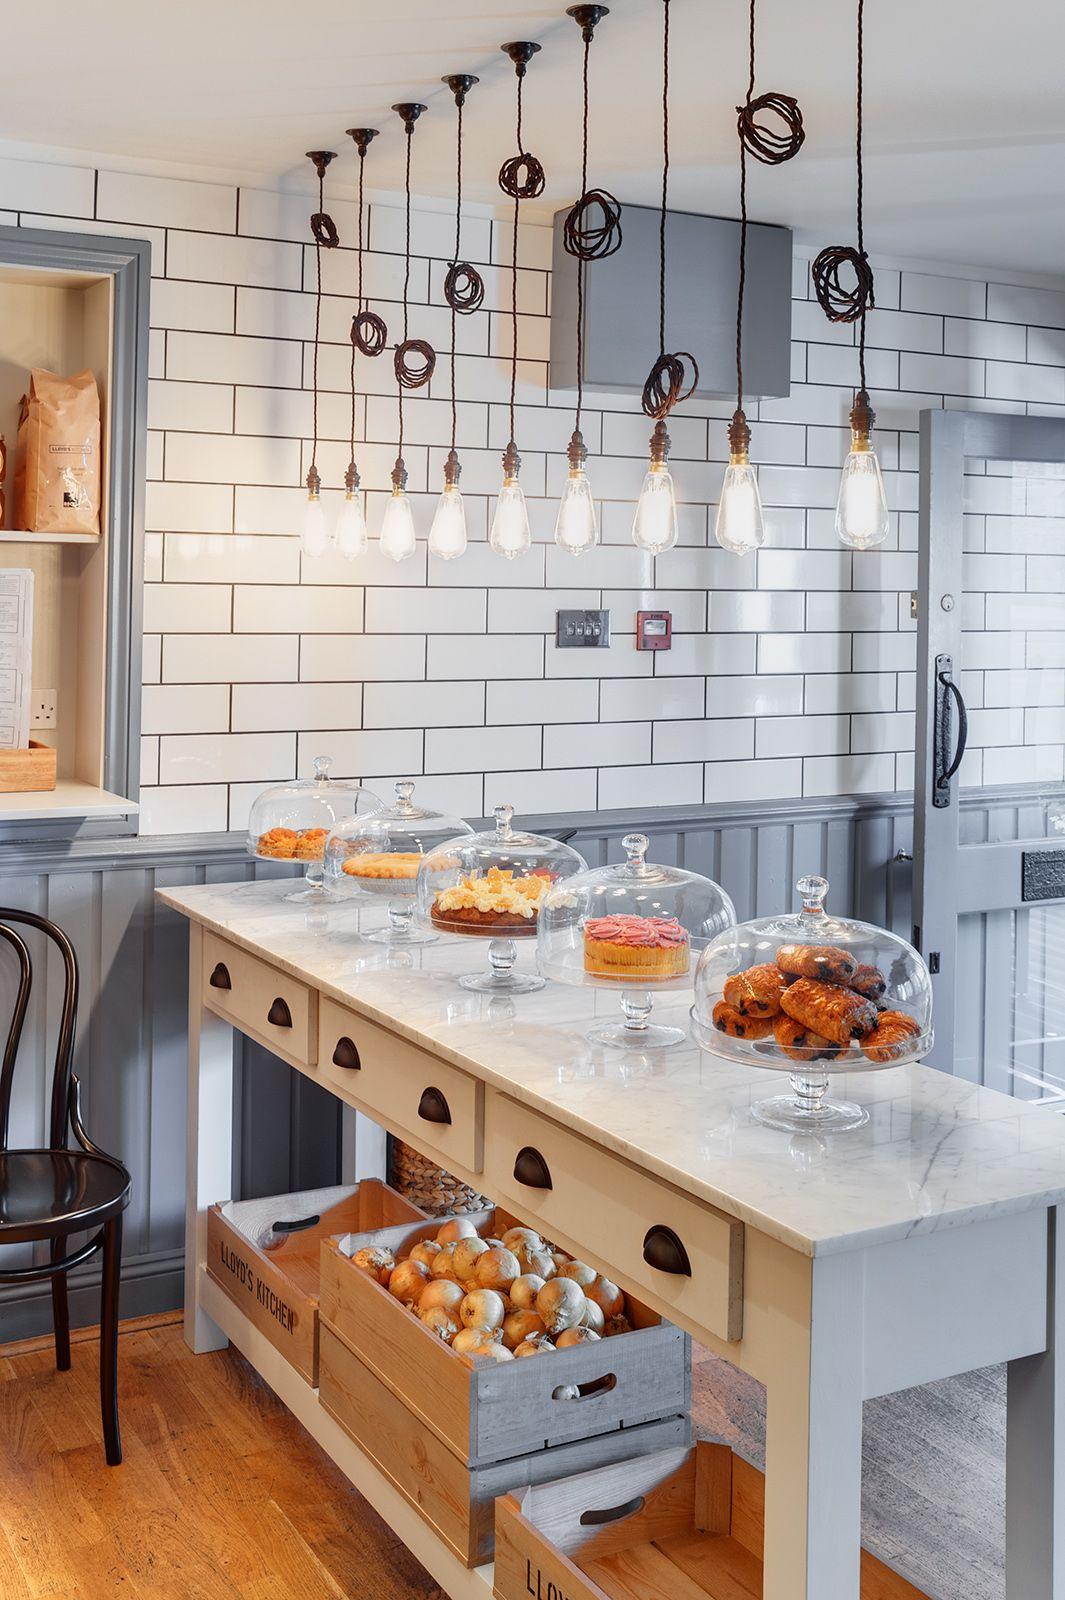 interior design sweden - Stockholm, Stockholm sweden and Sweden on Pinterest